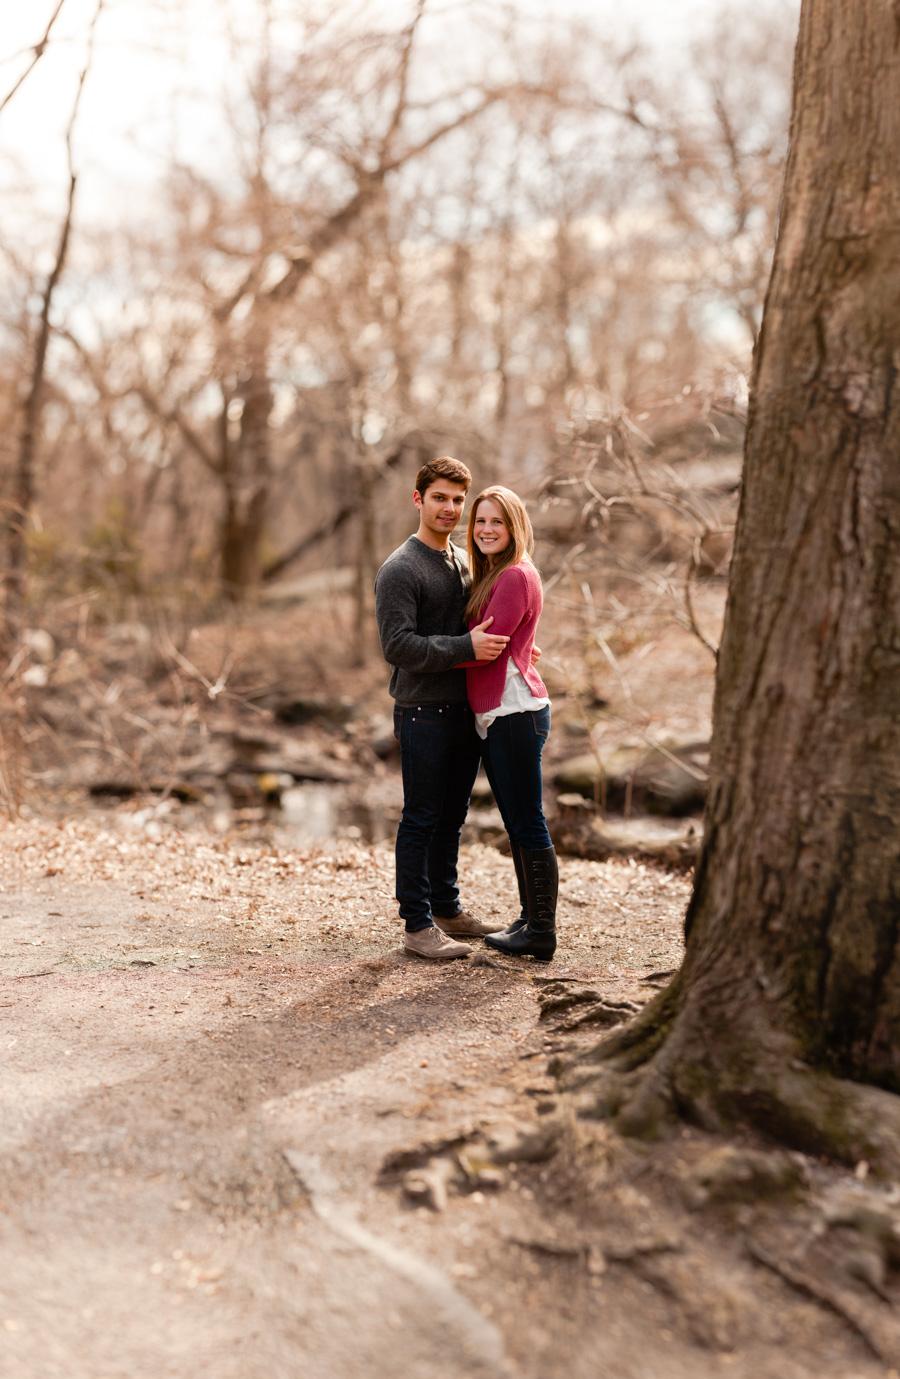 Central Park engagement photos by Casey Fatchett - www.fatchett.com